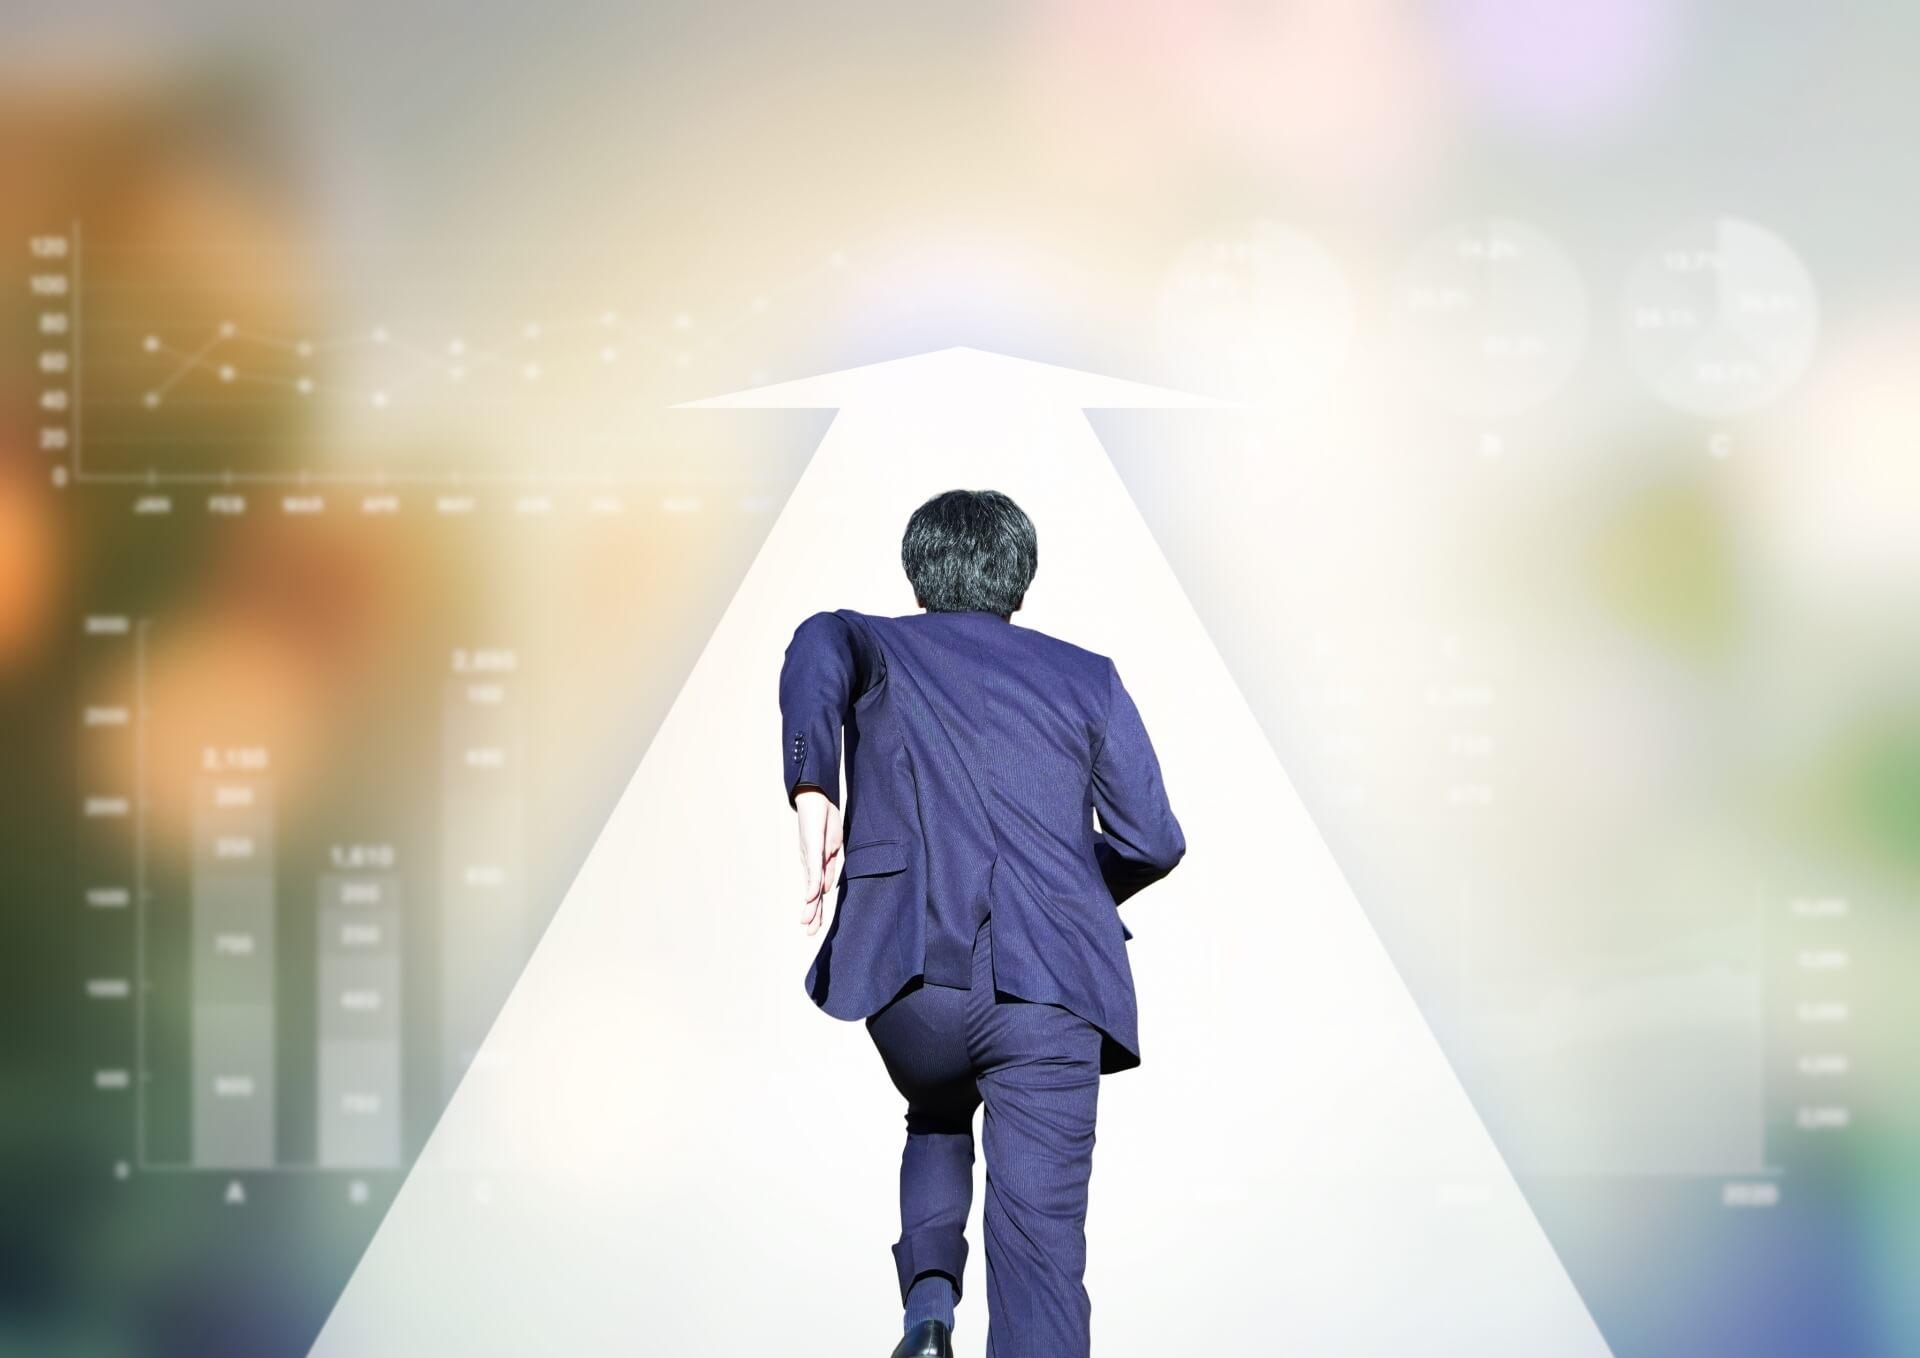 レジリエンスとは?ビジネスで求められる意味や高める手法を解説